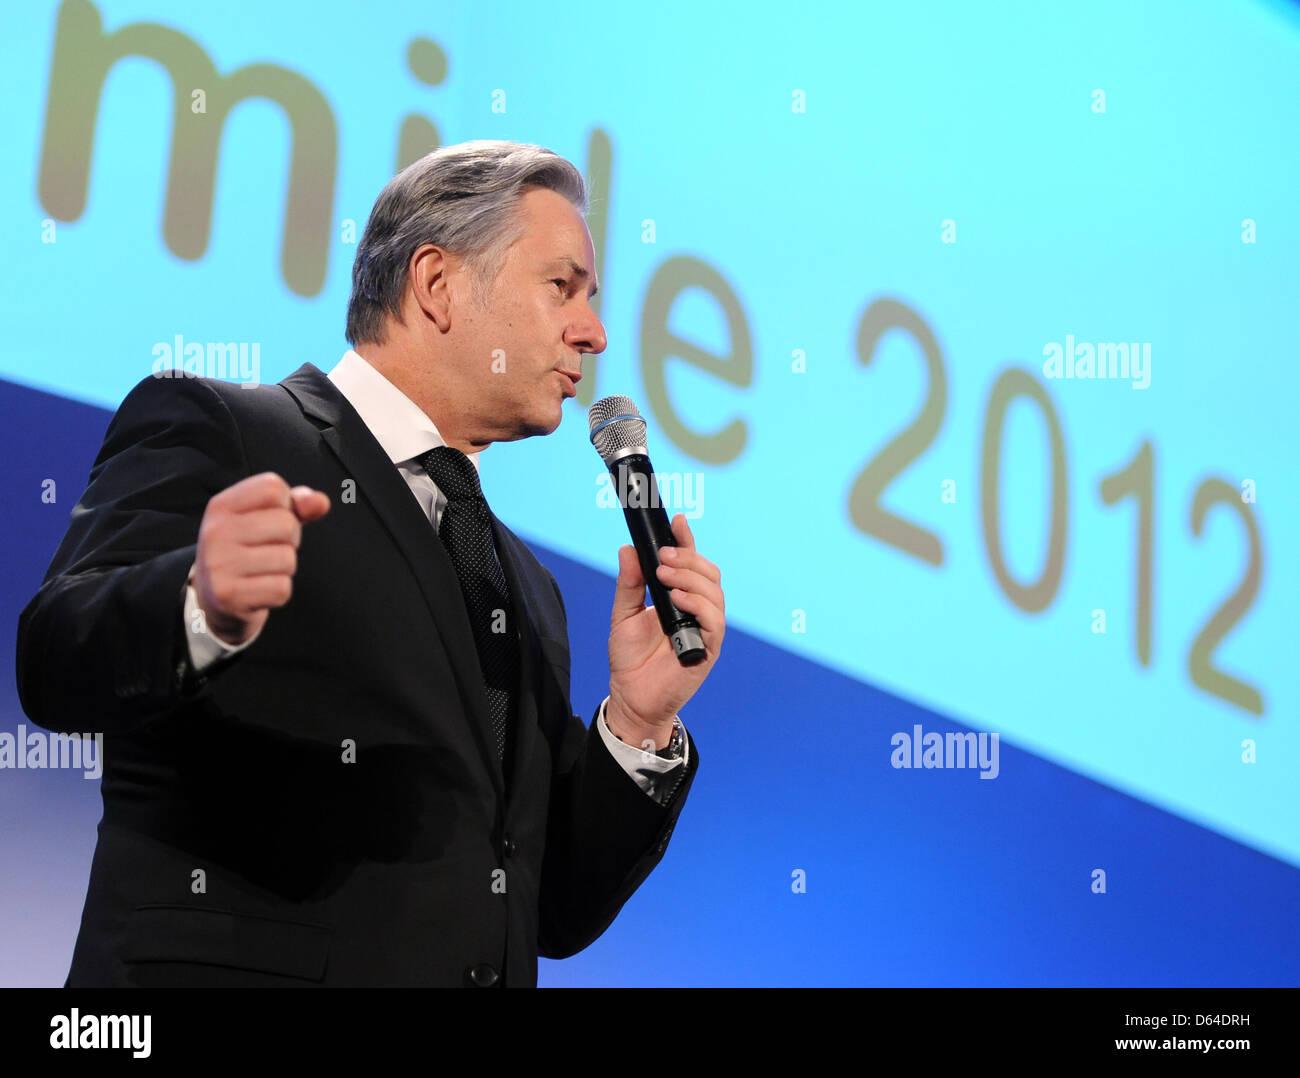 Berlins Regierender Bürgermeister, Klaus Wowereit (SPD), spricht am Freitag (25.05.2012) in Berlin bei der - Stock Image